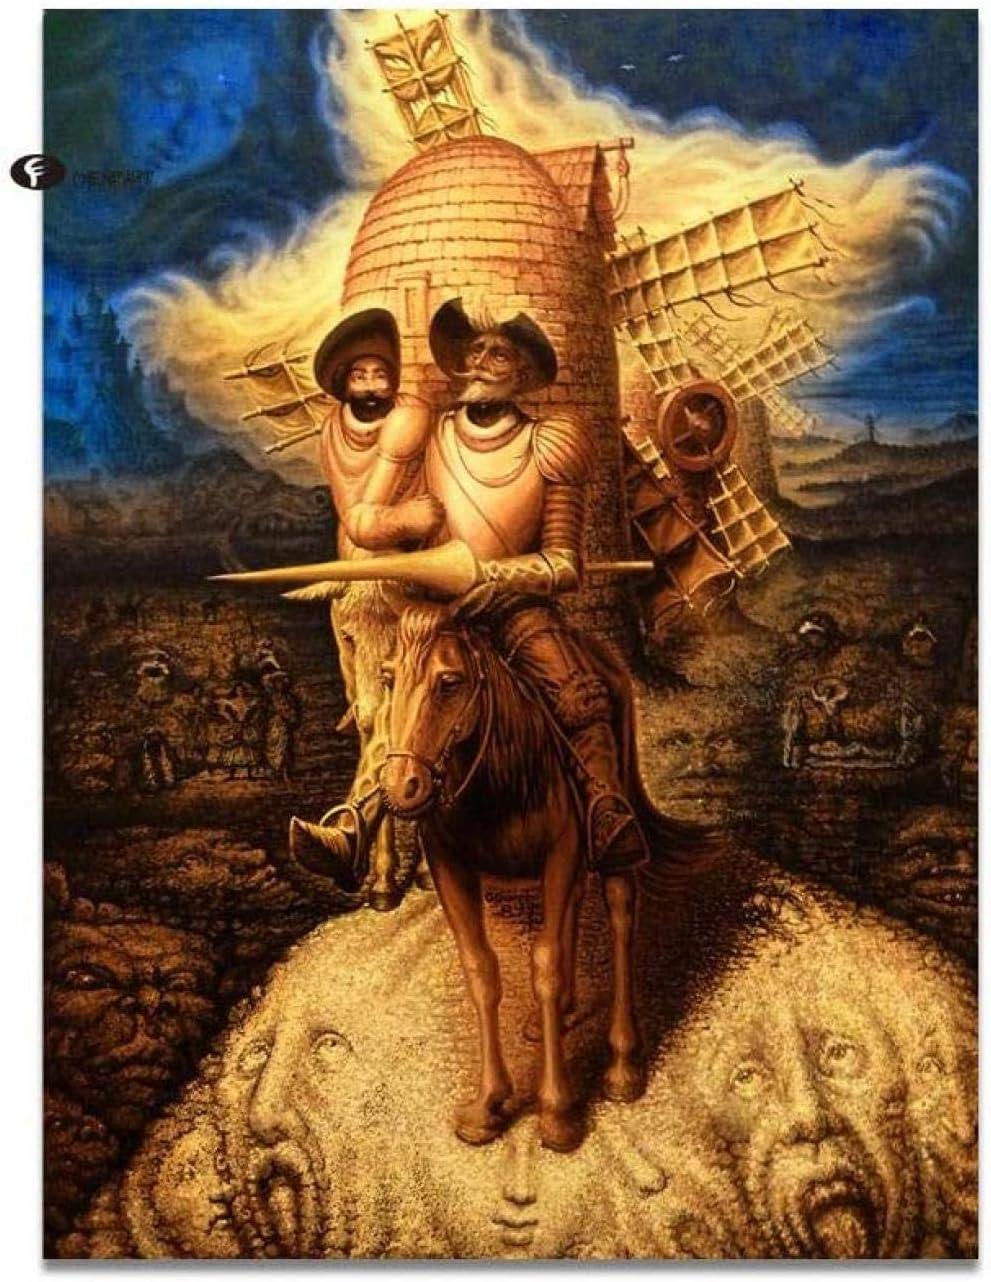 IOIUG Cuadros Abstractos de la decoración Pintura de la Lona Pinturas al óleo de Don Quijote Cuadros de la Pared para la Sala de Estar Decoración Moderna del hogar-No Frame-40x50cm